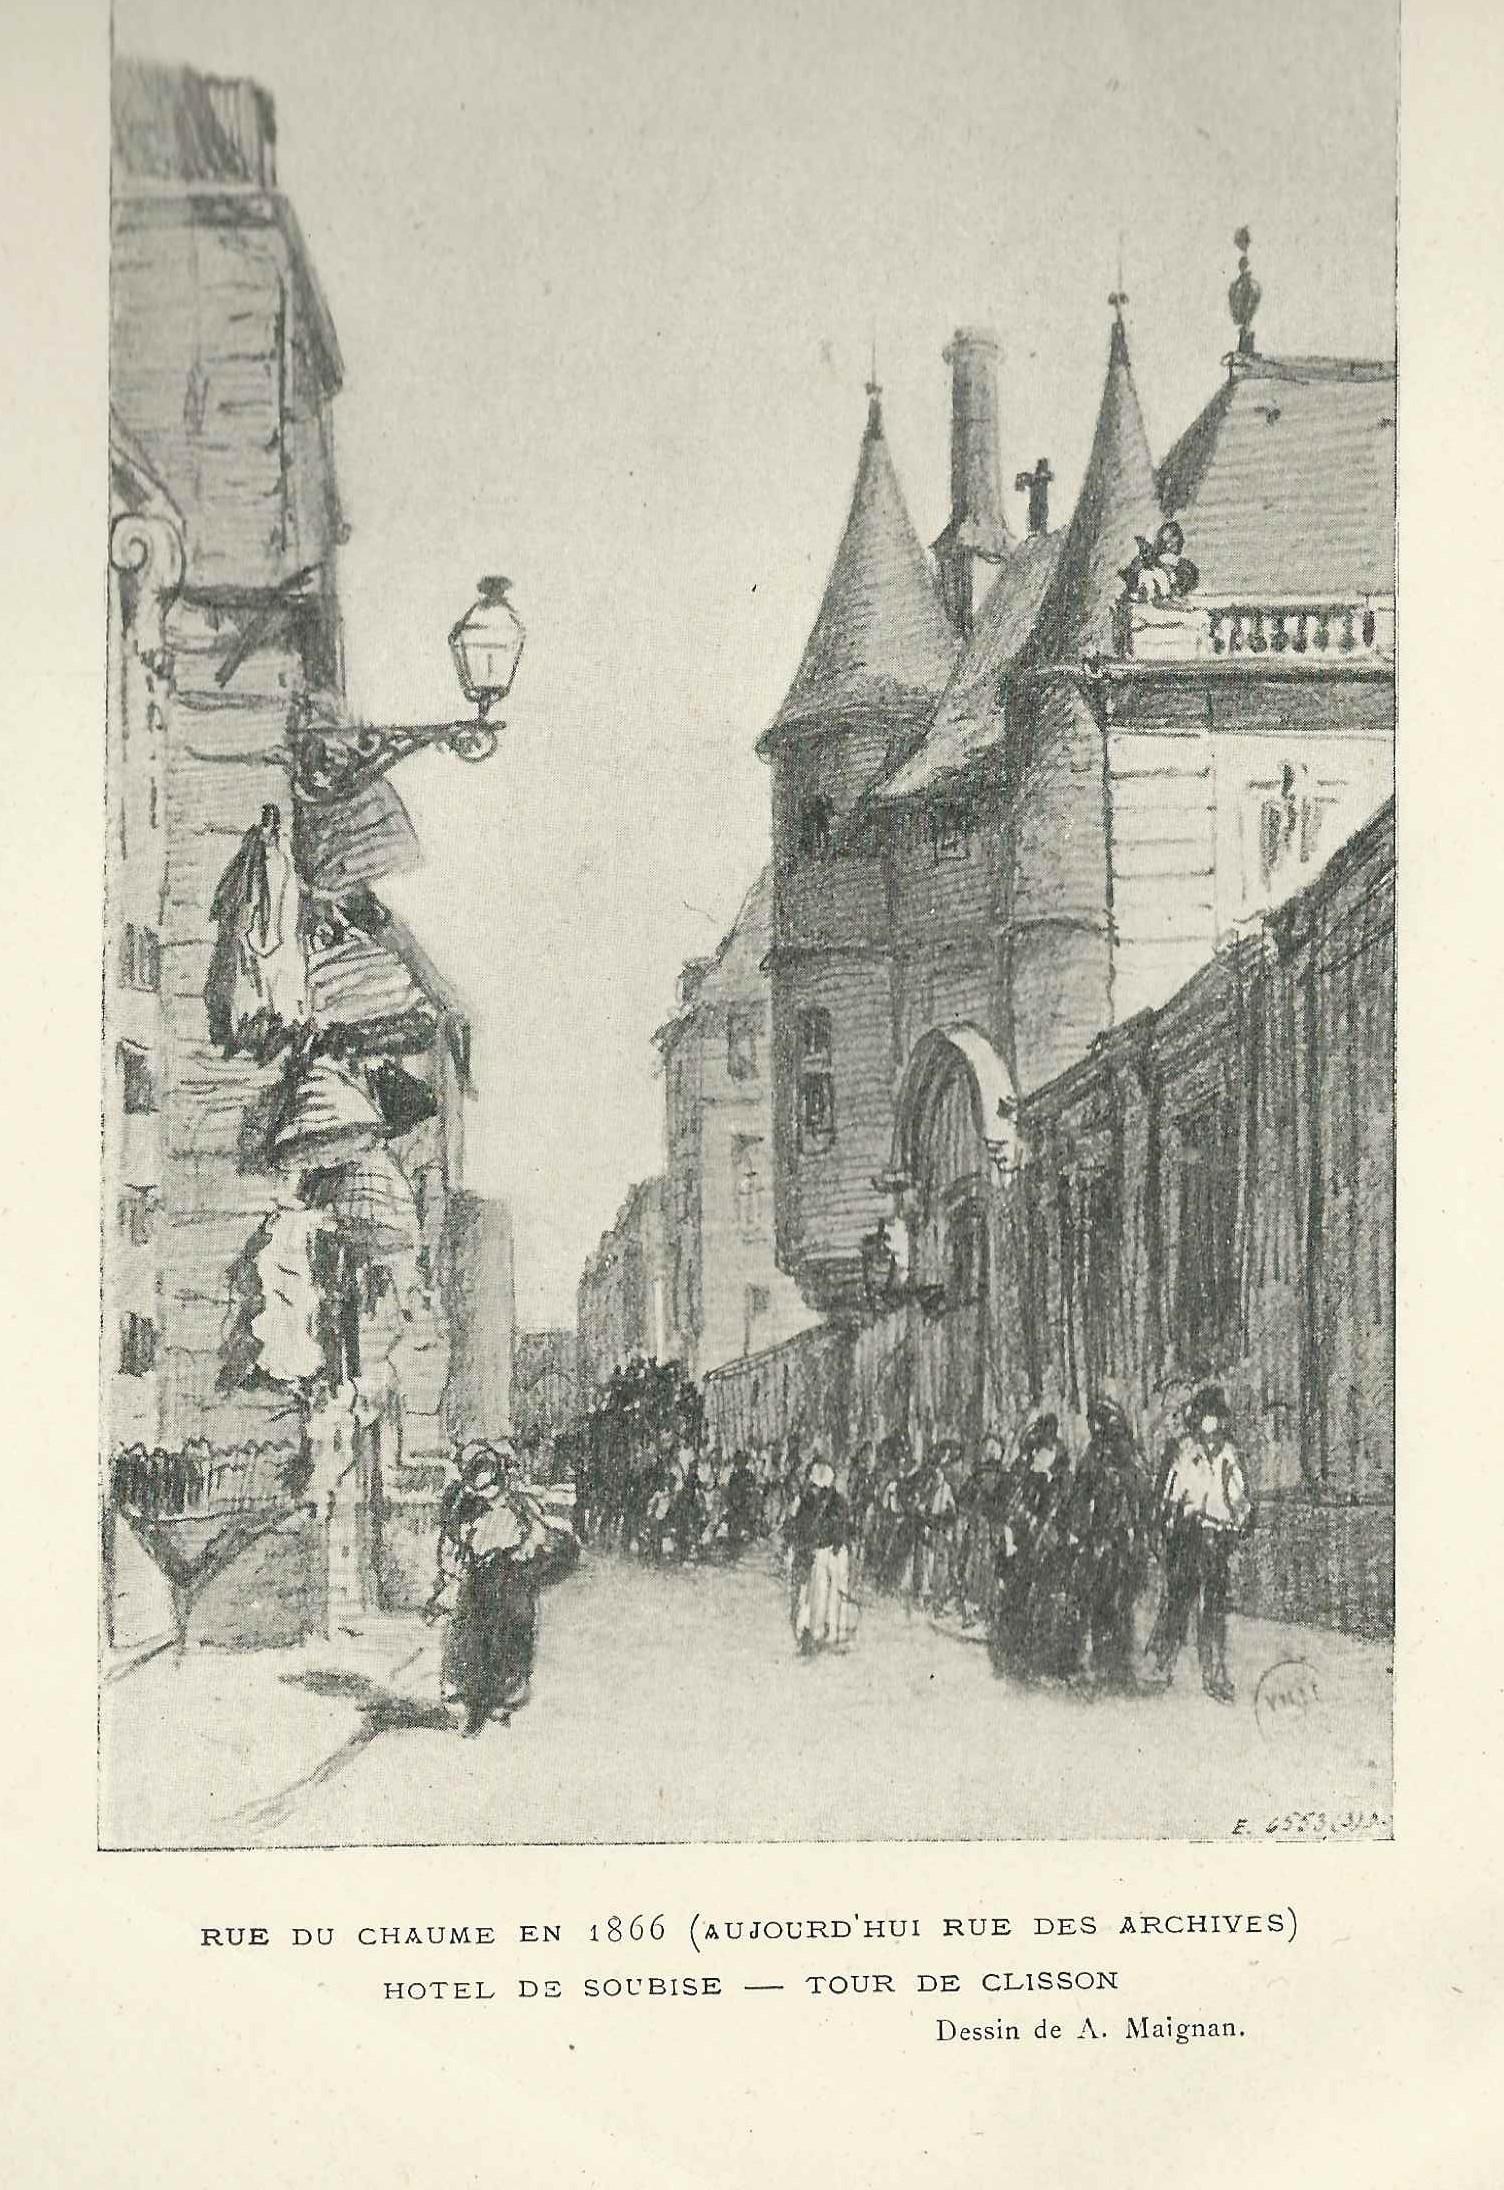 rue de Chaume